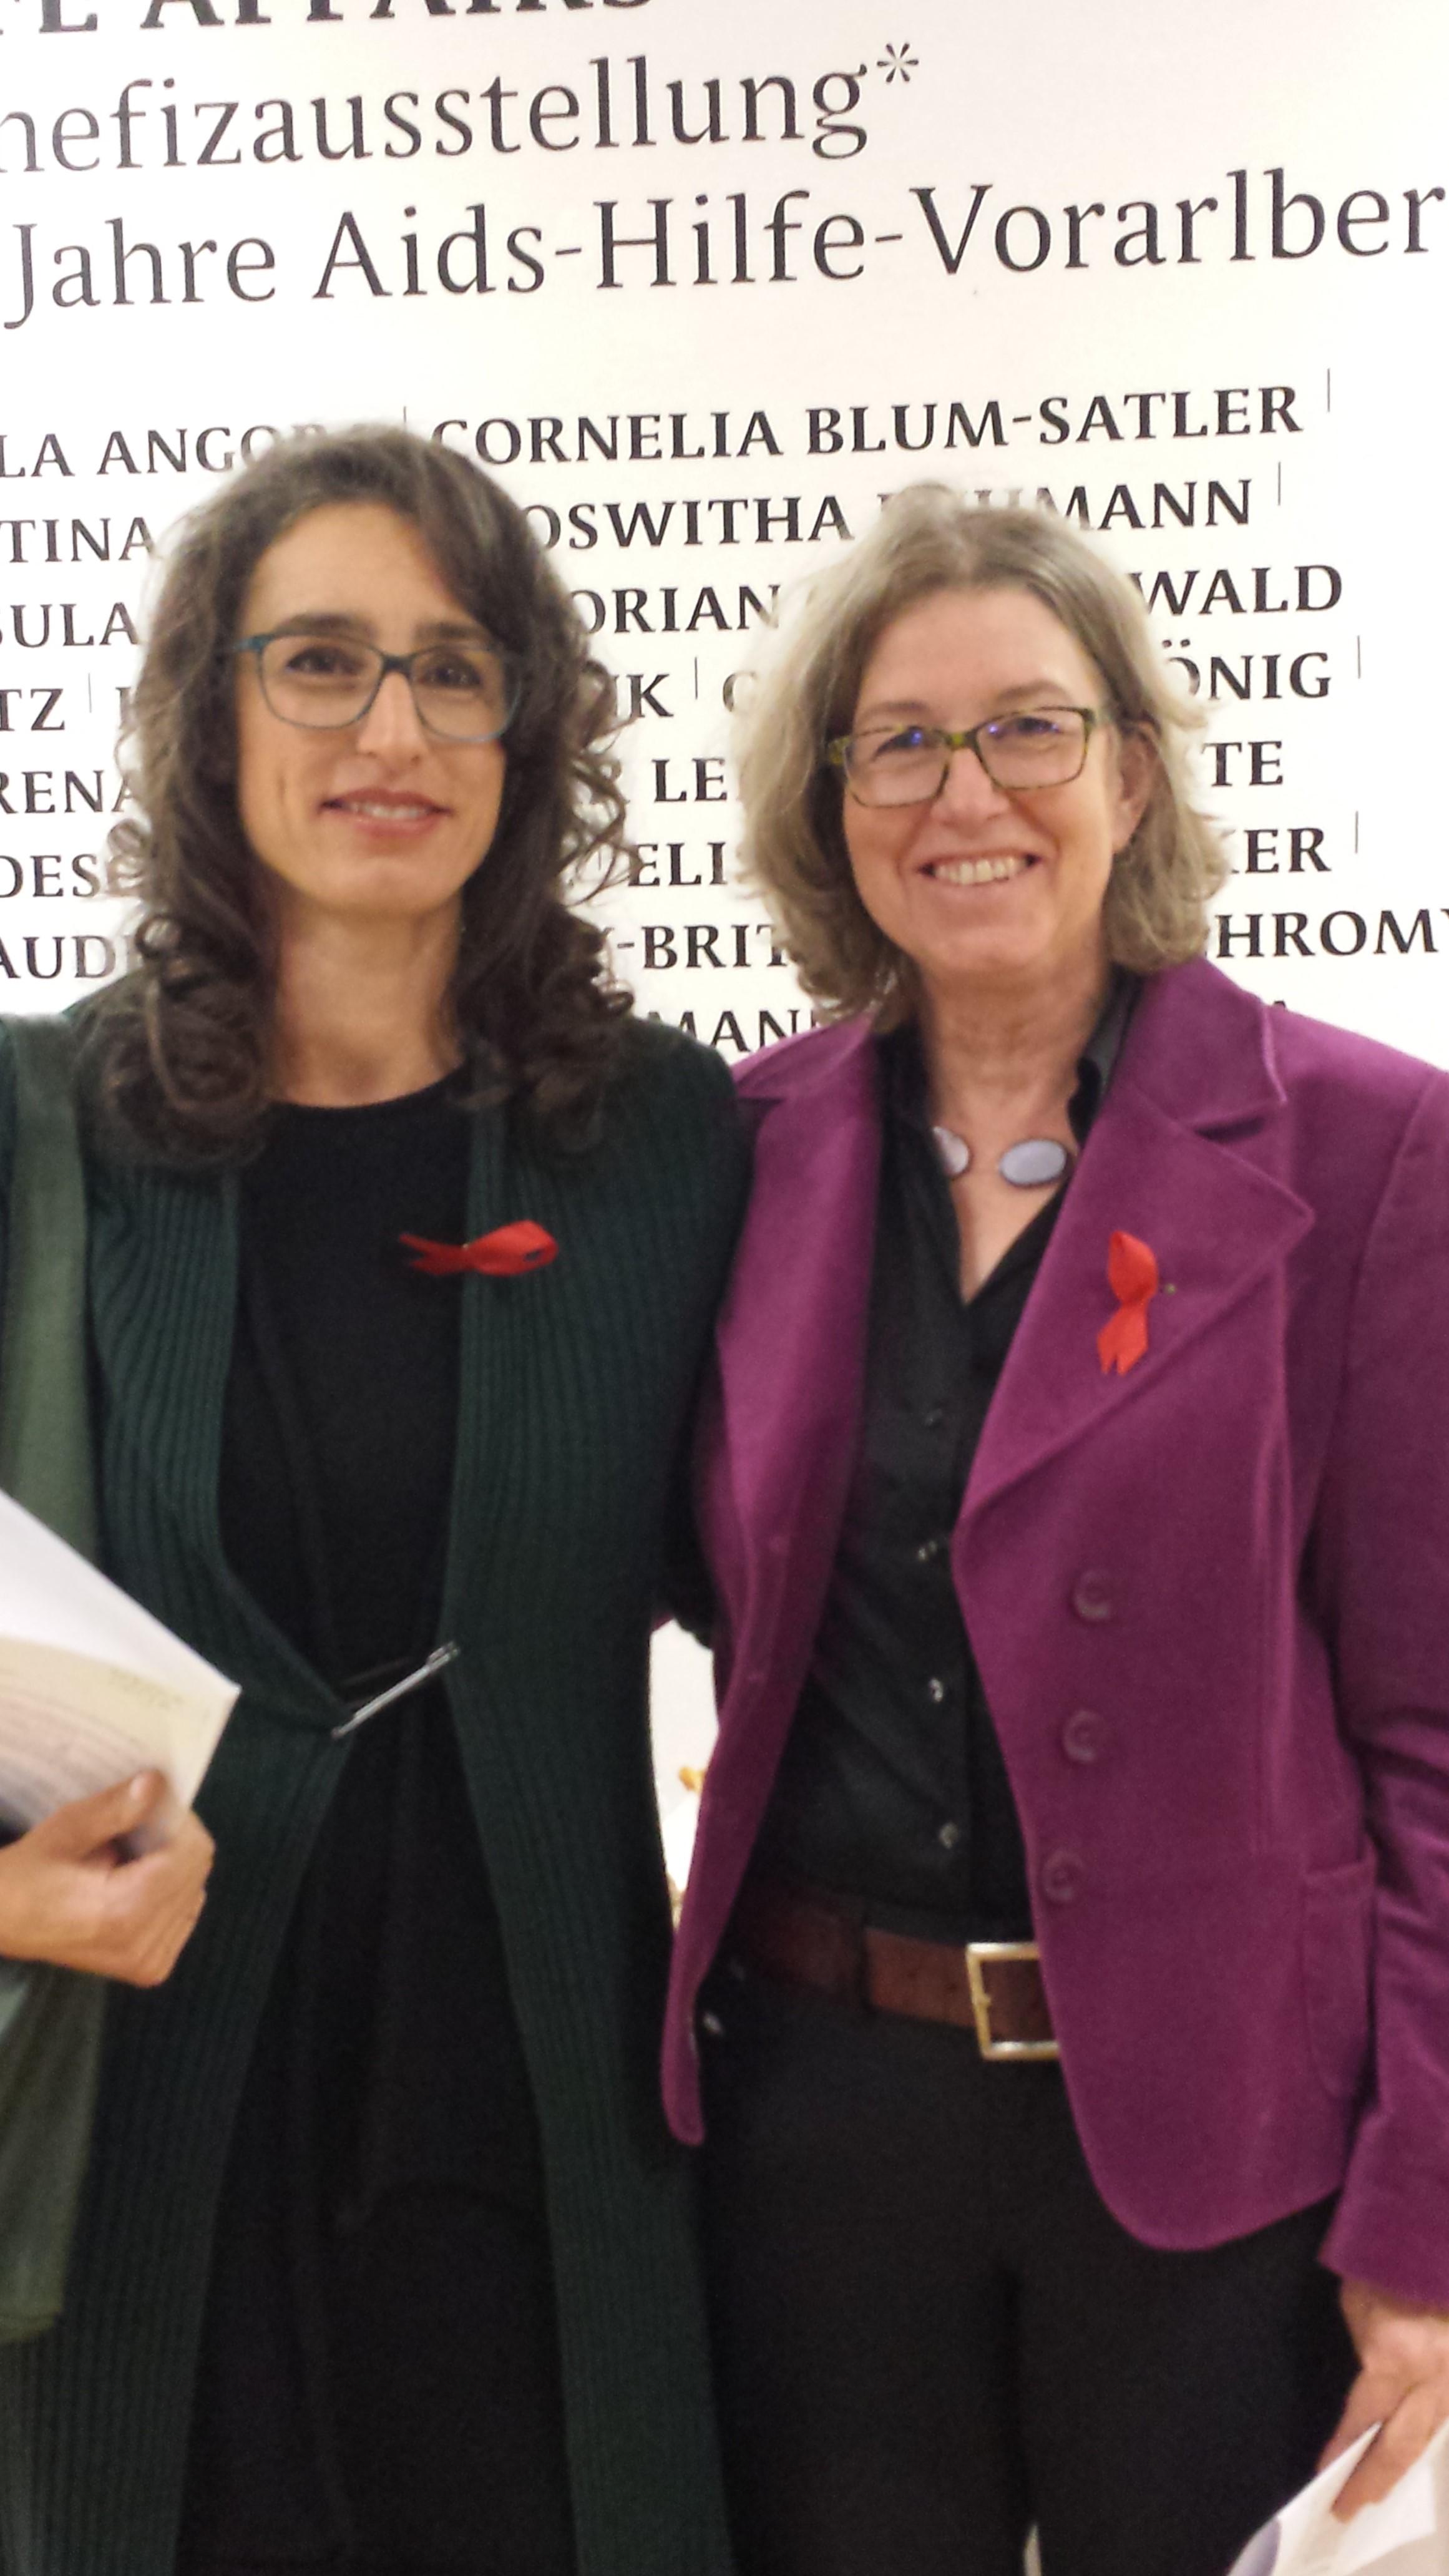 Benefizausstellung für 30 Jahre AIDS-Hilfe in der Villa Claudia. Gemeinsam mit Verena Leija, Künstlerin und ehem. Präventionistin der AIDS-Hilfe. ; Foto: ©AIDS-Hilfe Vorarlberg